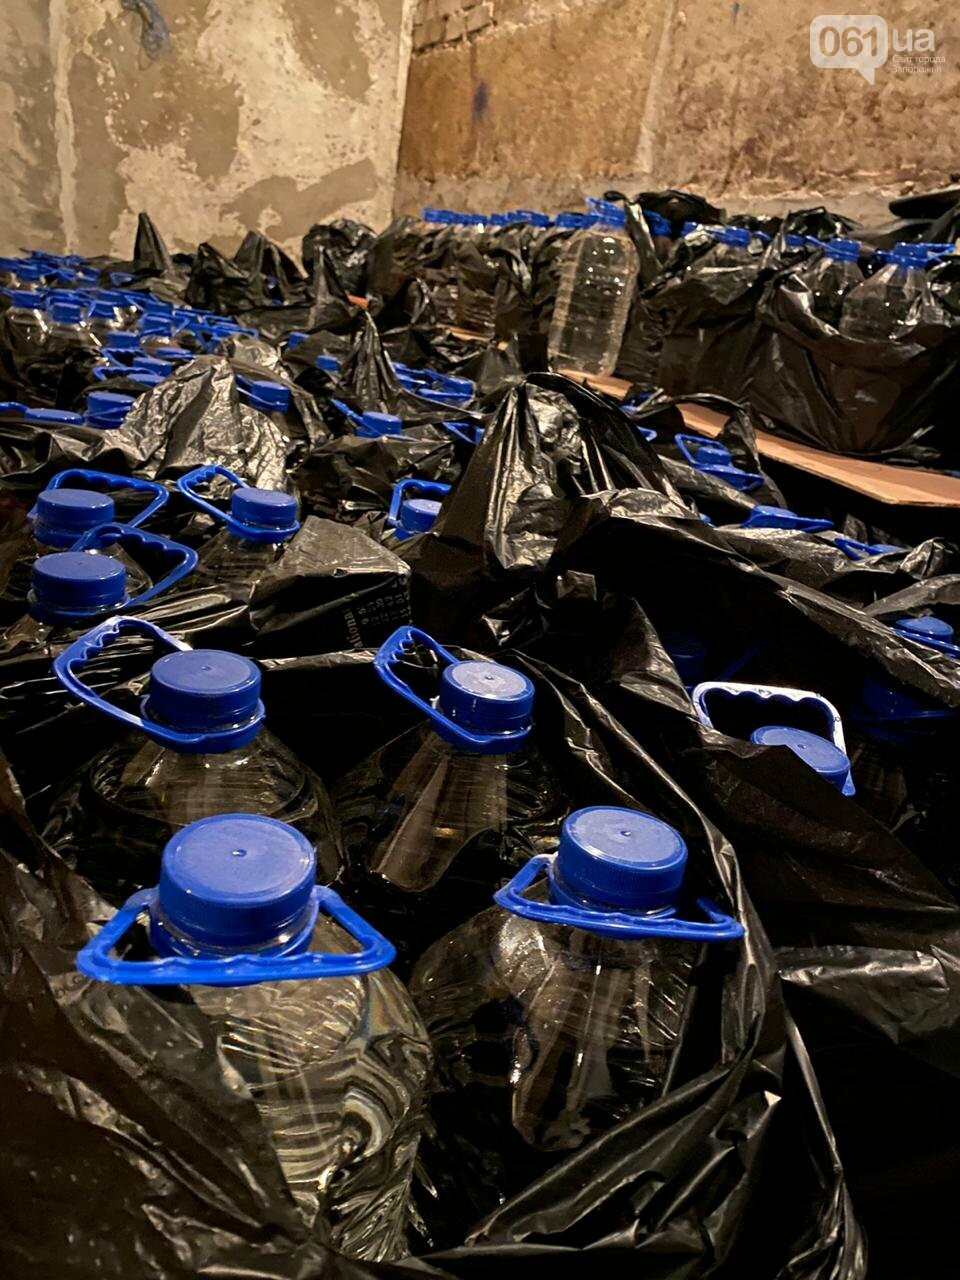 В Запорожской области обнаружили 2,5 тонны фальсифицированного алкоголя, фото-3